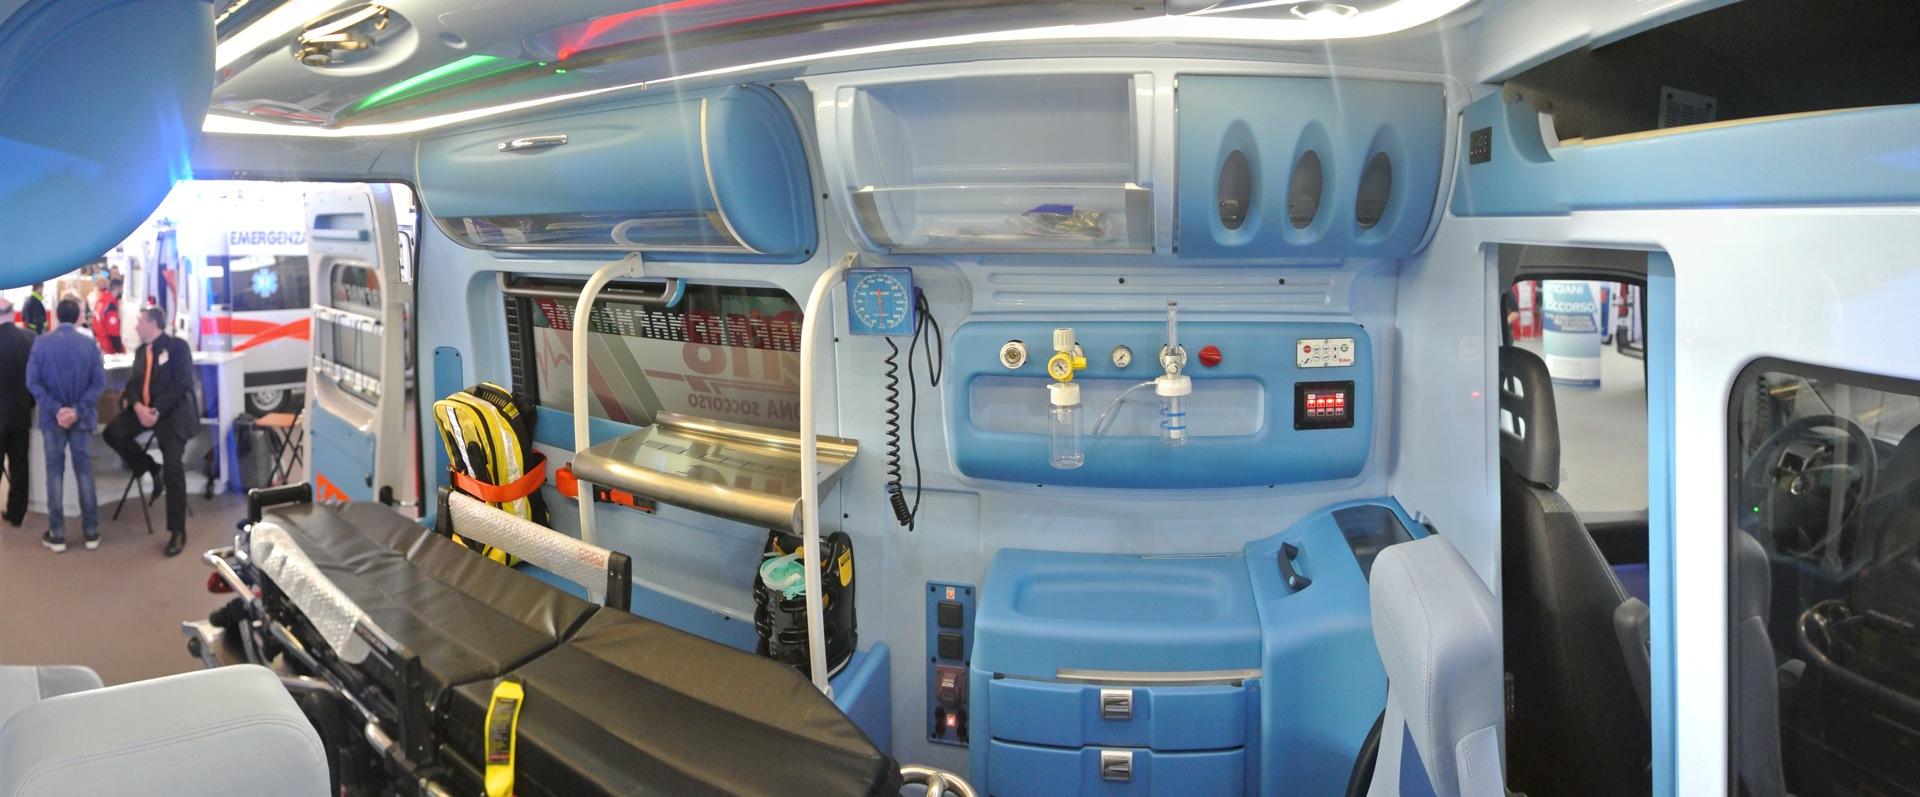 Emergencia en vivo | MAF Special Vehicles, ambulancias para todos los servicios de EMS en Europa image 1